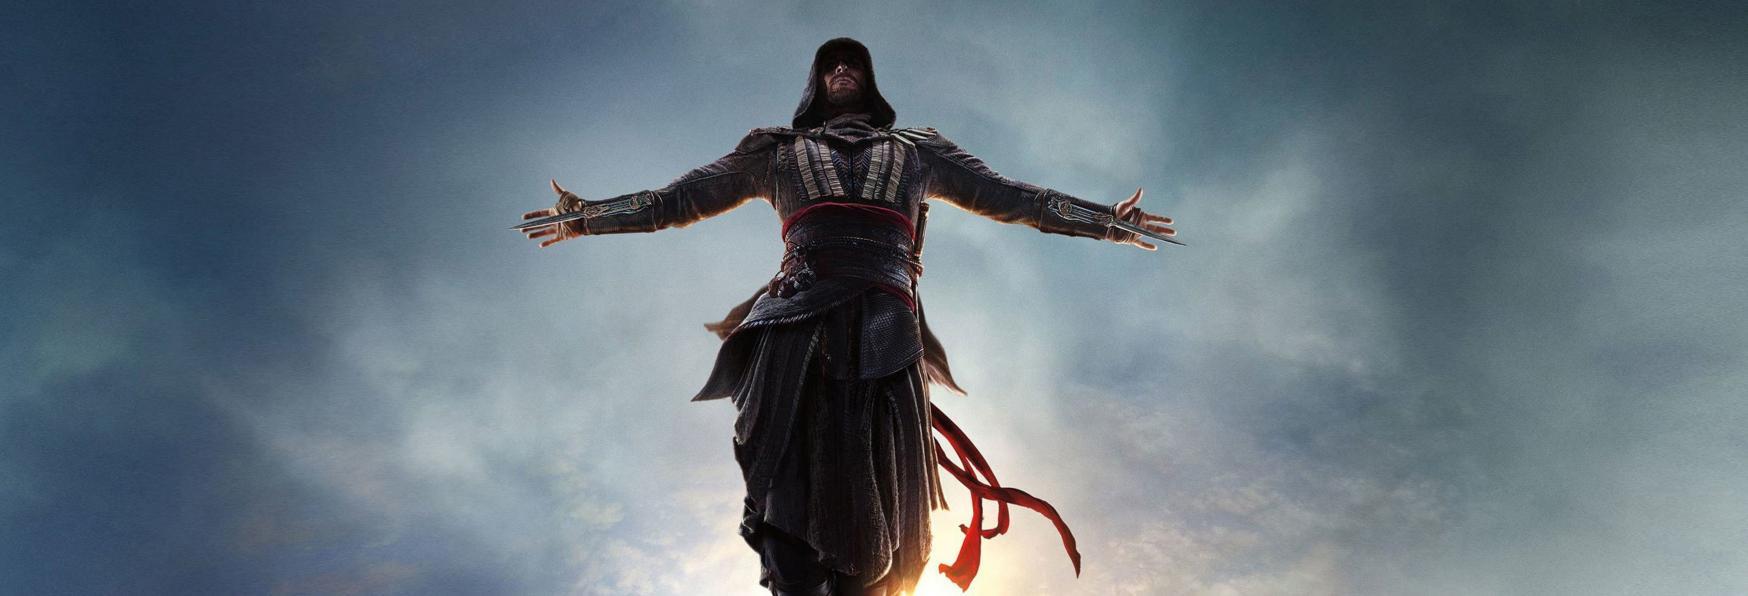 Assassin's Creed: gli Ultimi Aggiornamenti sulla nuova Serie TV Netflix